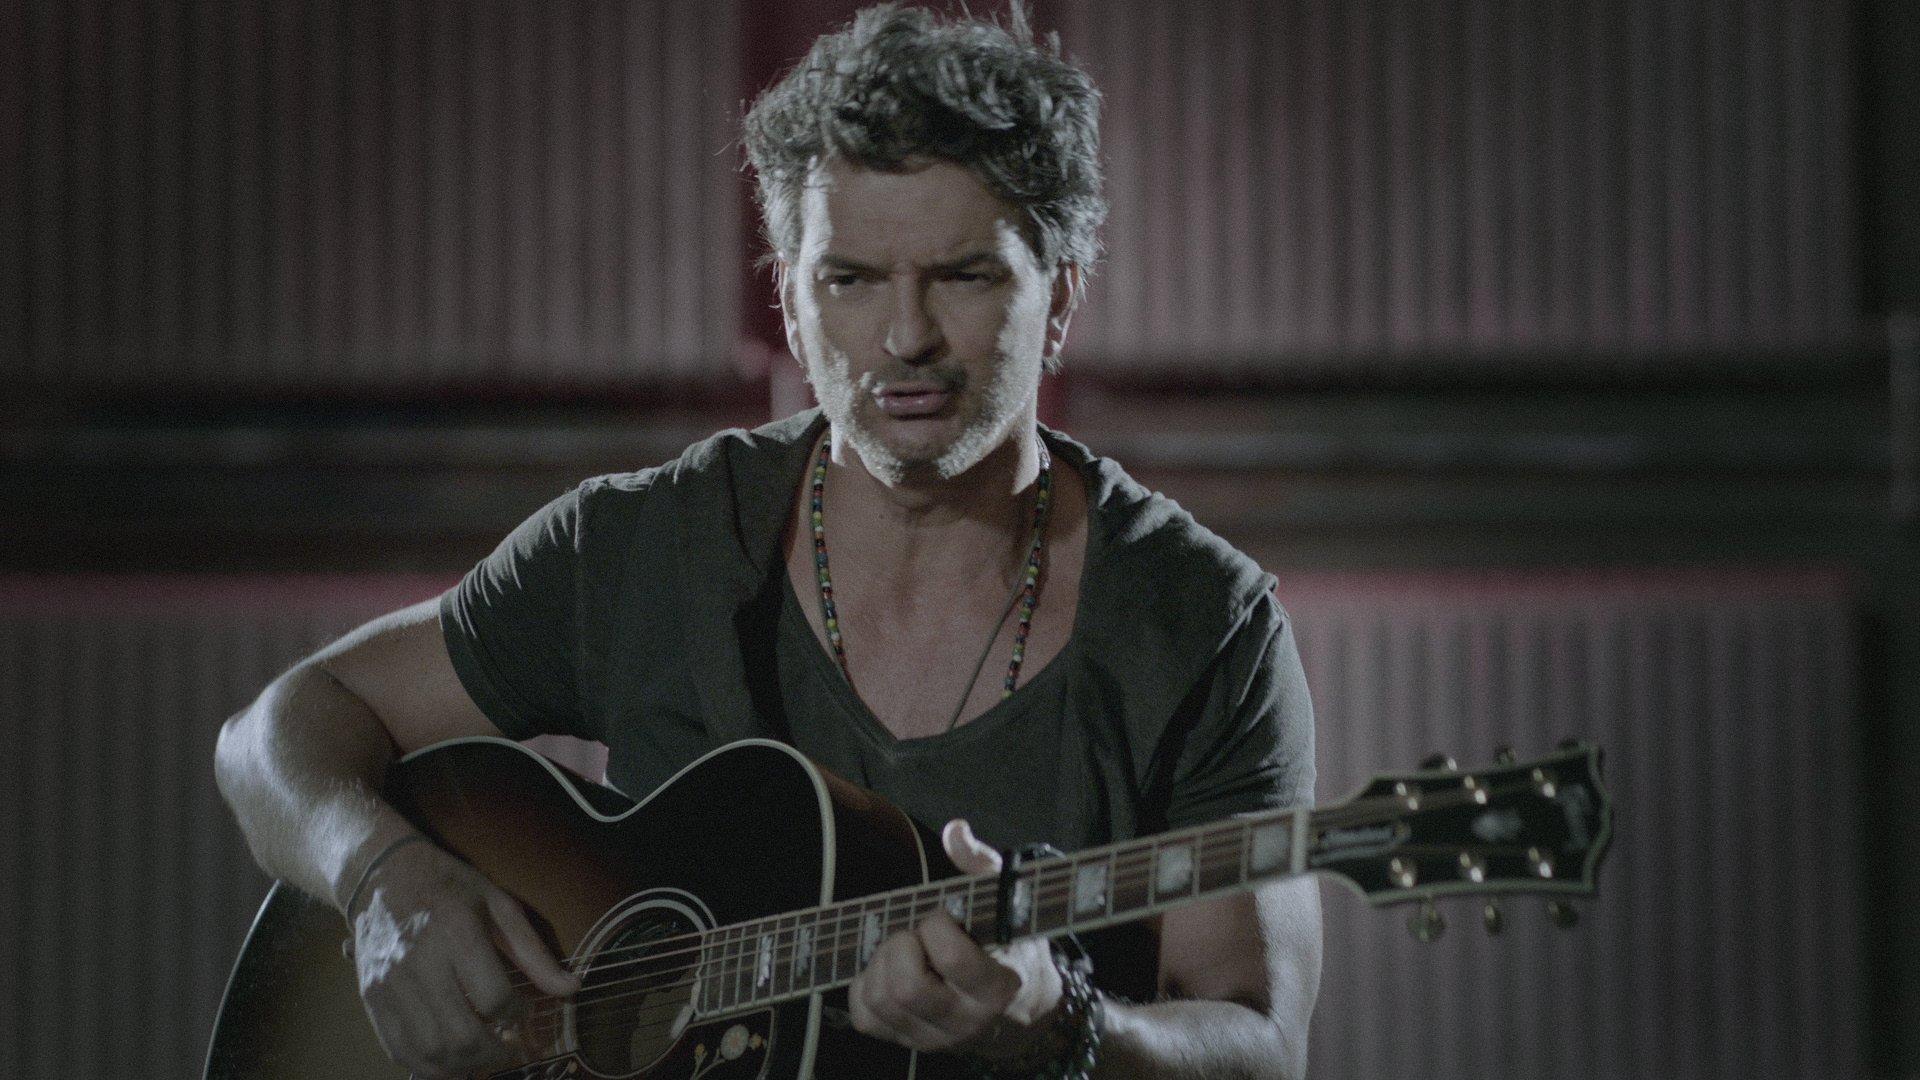 Ricardo Arjona - Nada Es Como Tú (Acústico) Official Video  - YouTube 580f135f10fc